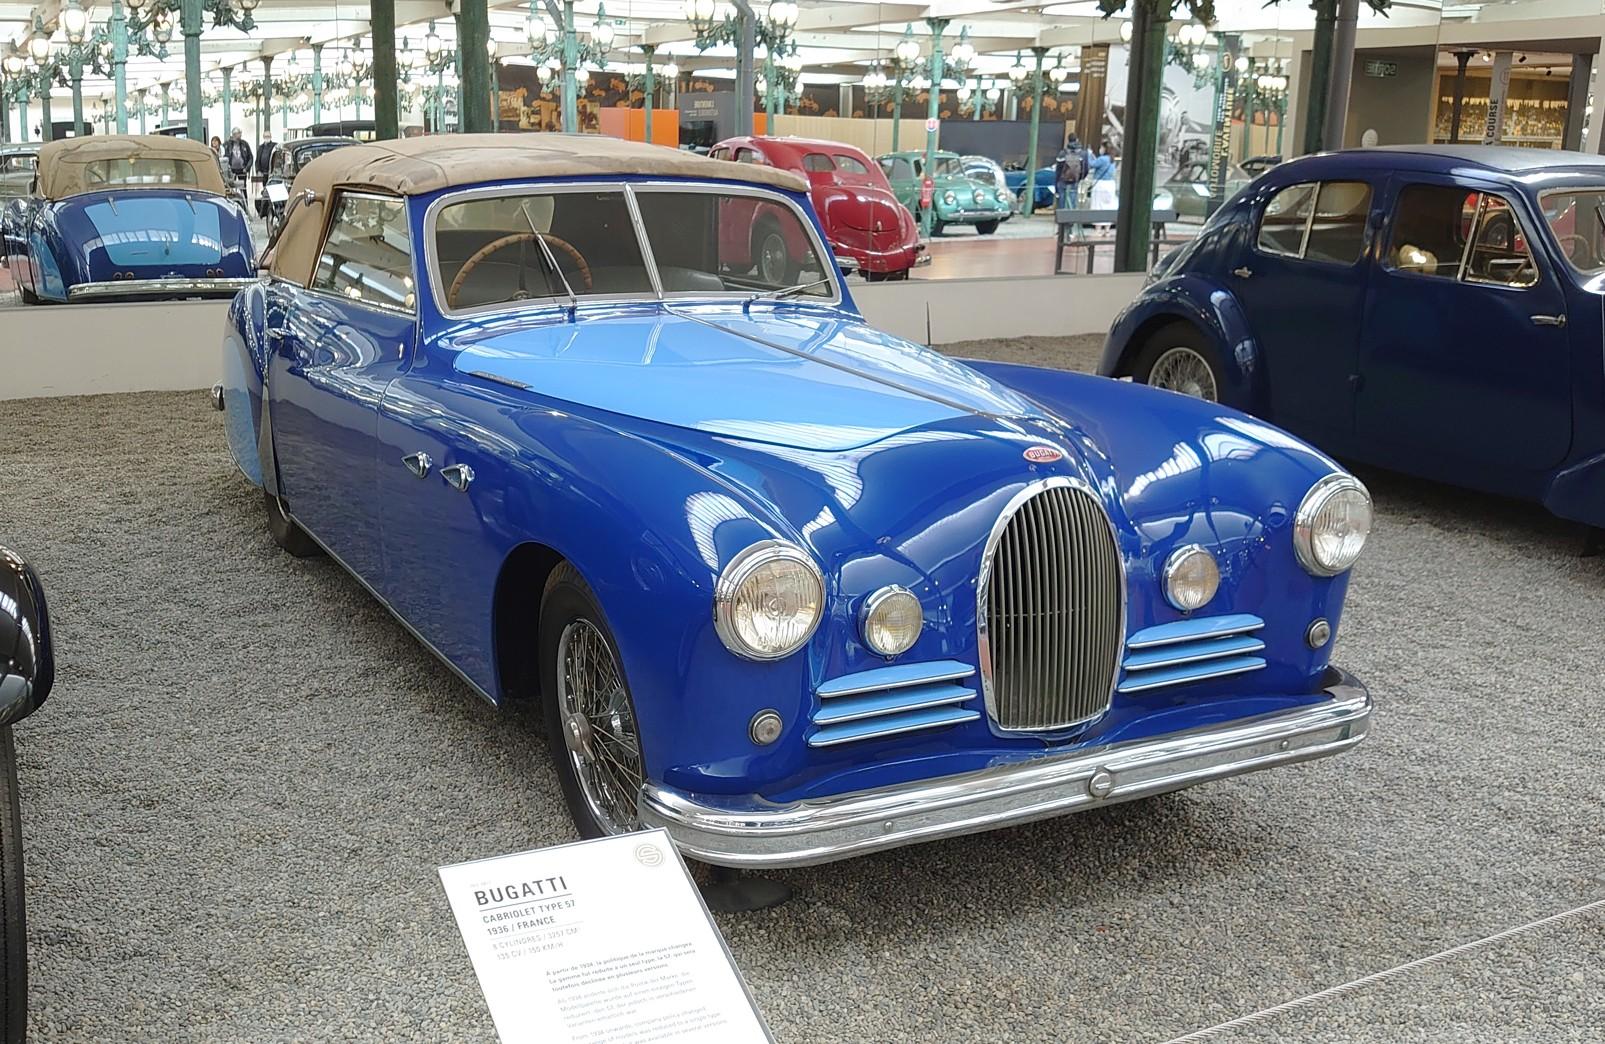 La Bugatti de Mr BERTRAND